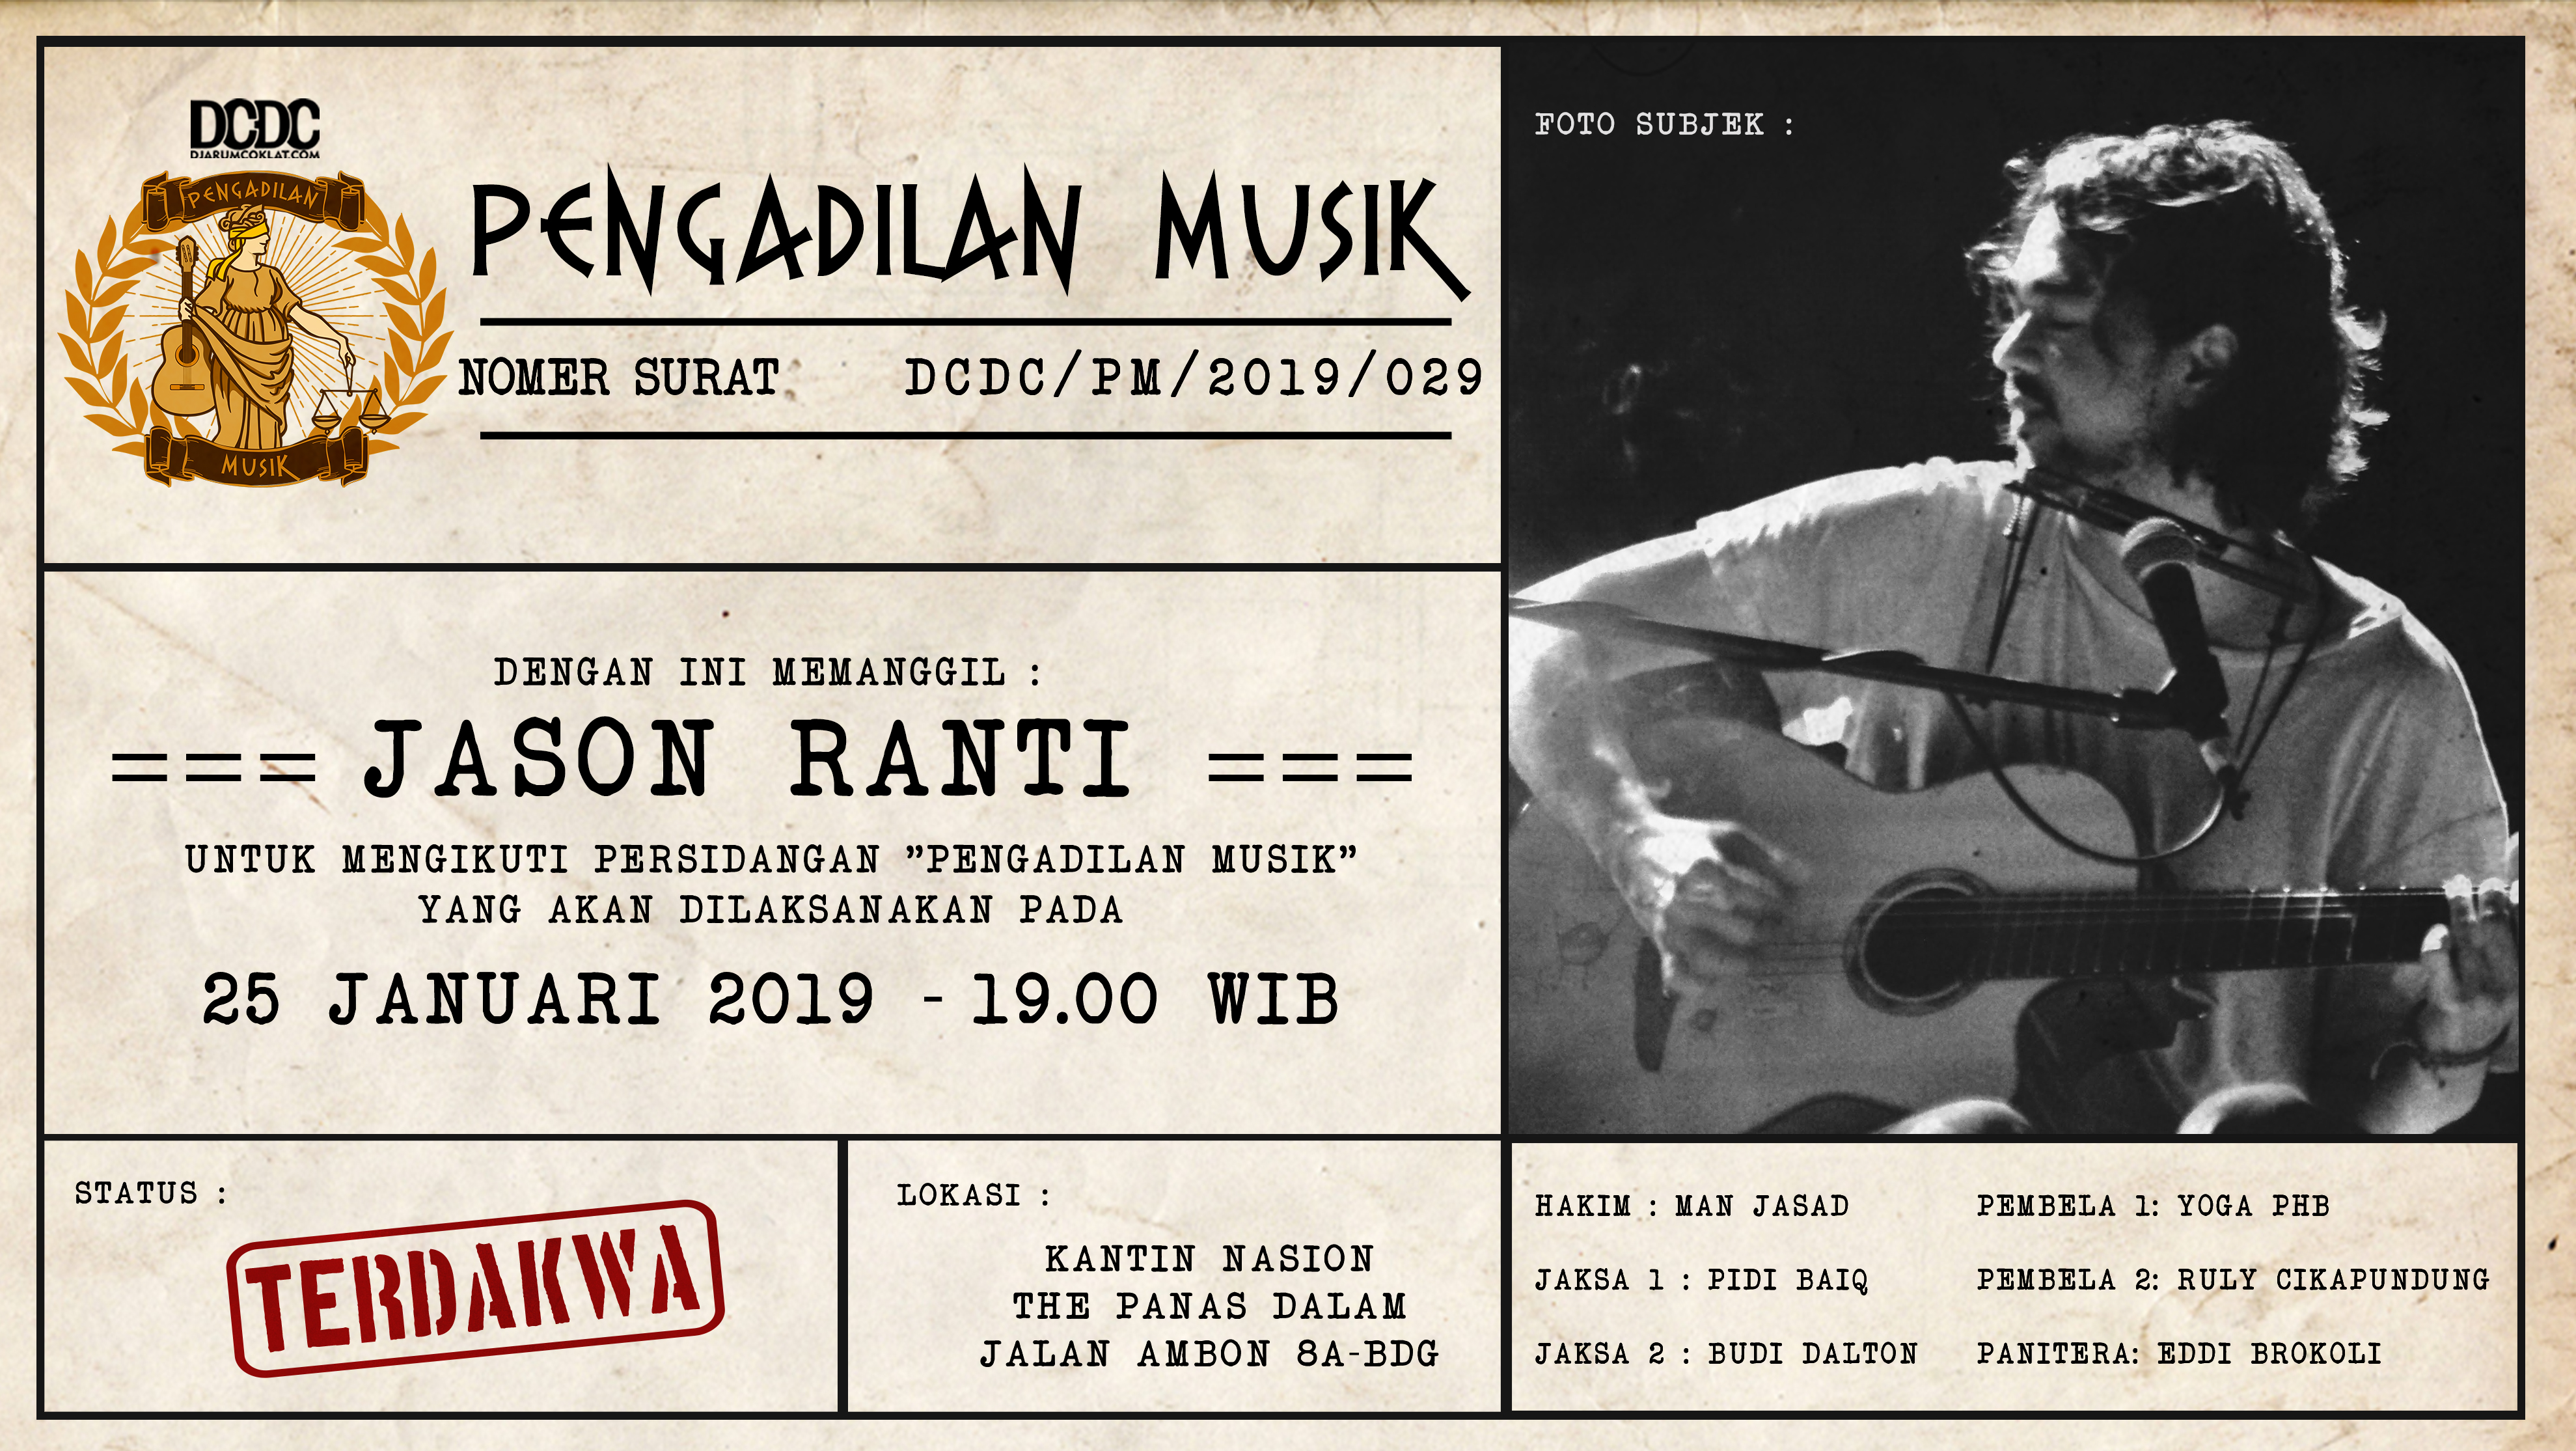 Awal Tahun Ini Jason Ranti Diminta Mempertanggung Jawabkan Karyanya di Pengadilan Musik